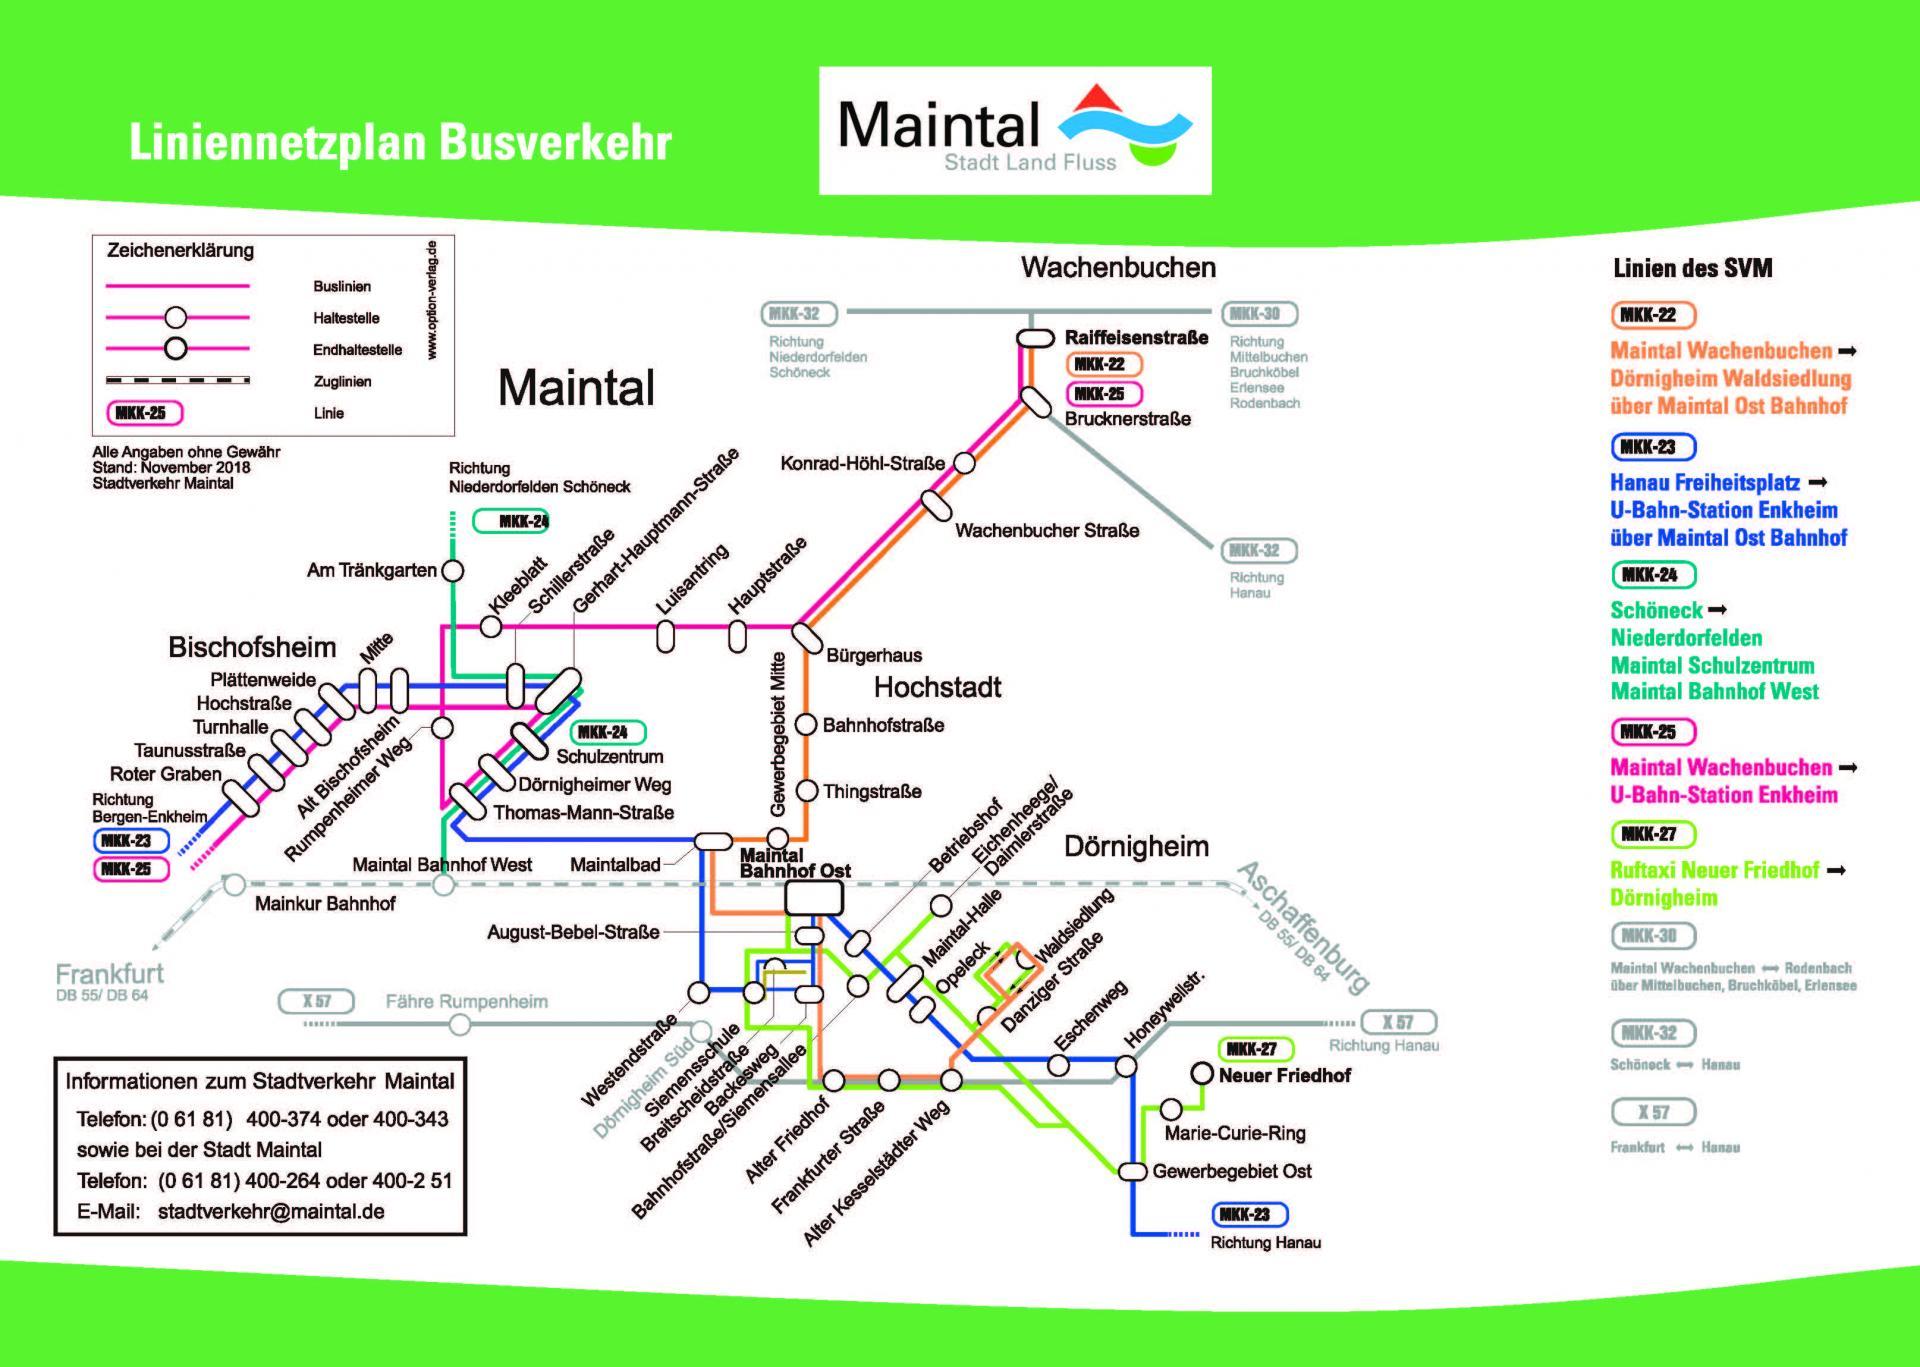 Liniennetzplan